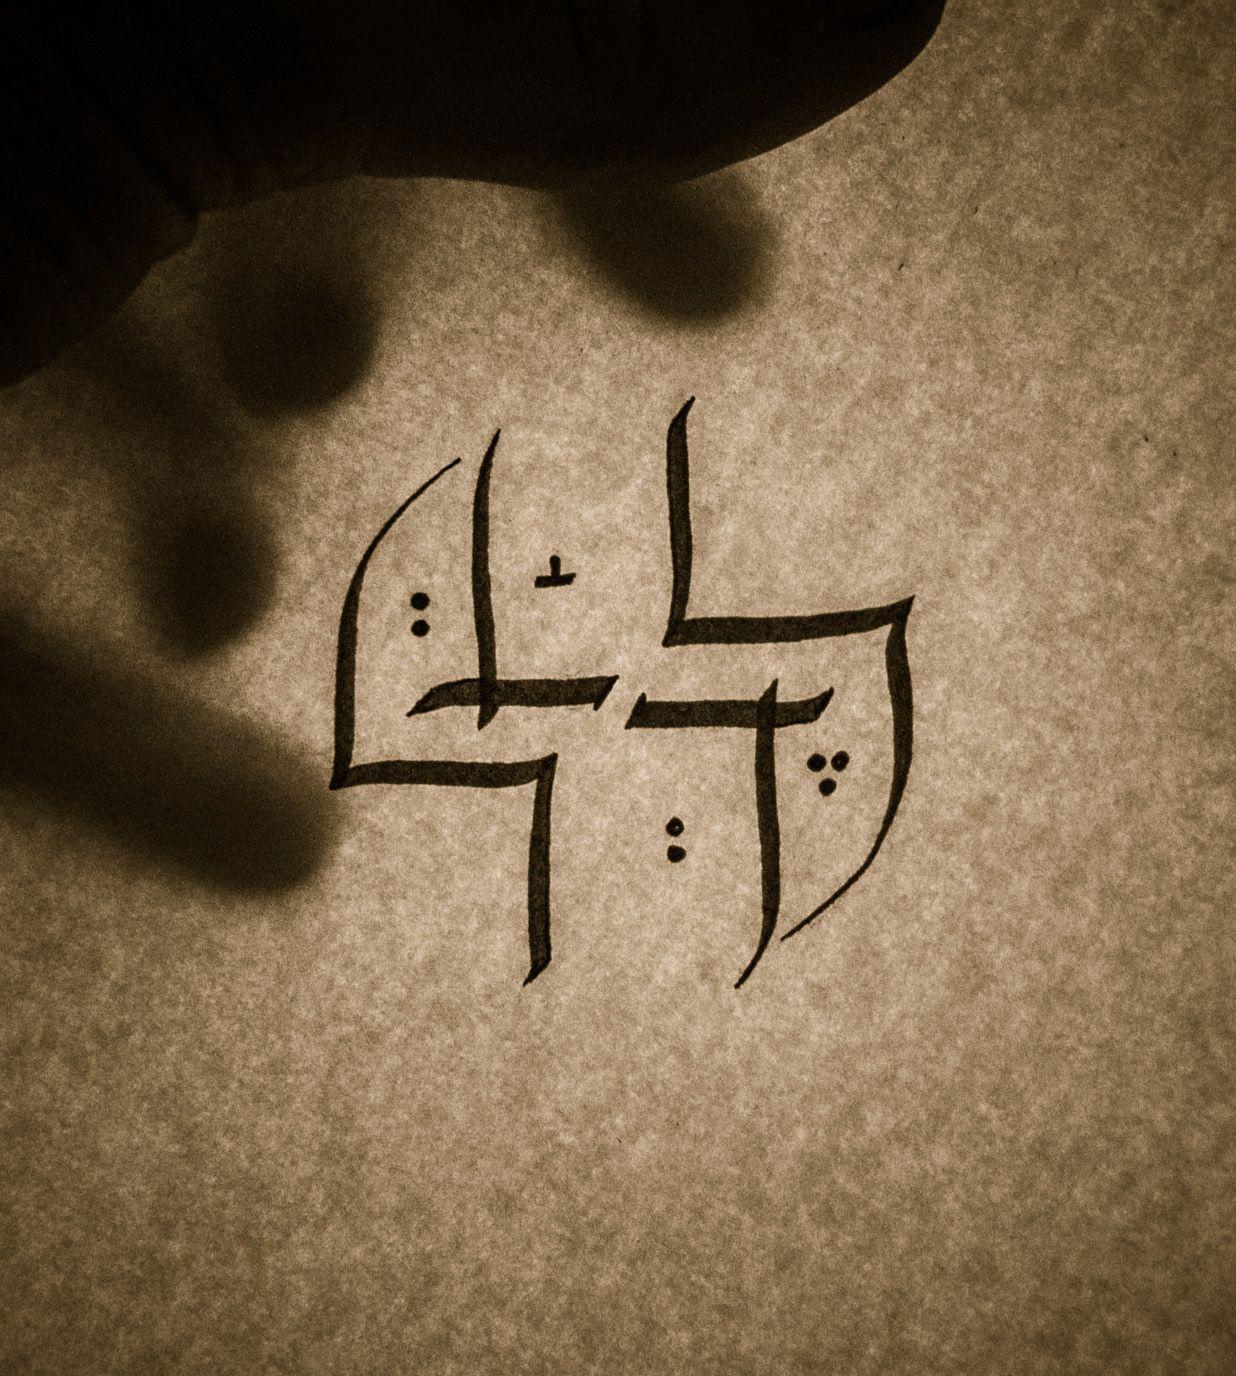 Lekh lekha - go forth by hebrew-tattoos.com